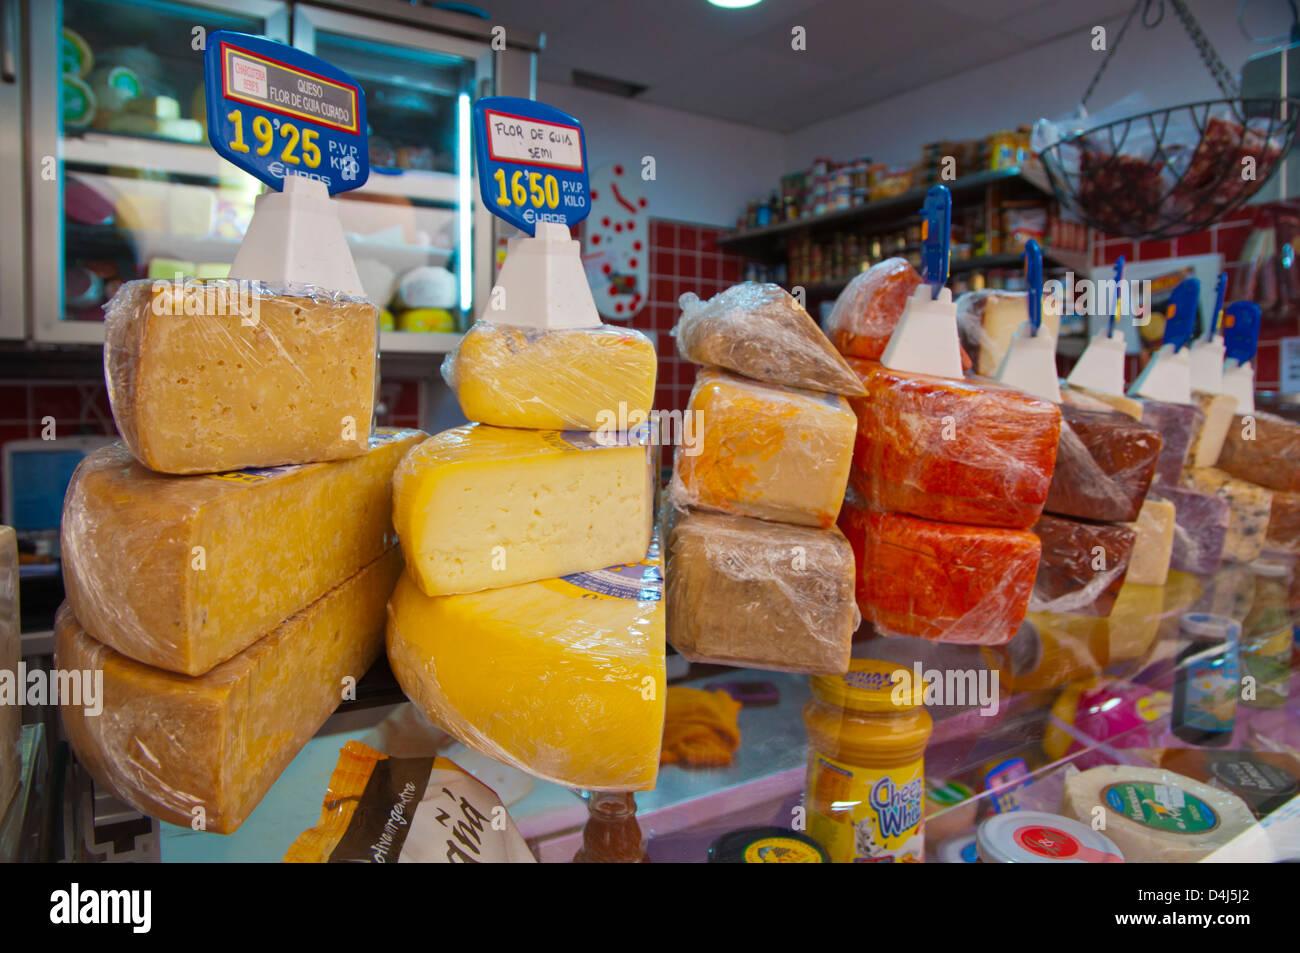 Mercado Nuestra Senora de Africa Marktplatz Santa Cruz Stadt Teneriffa Insel Kanaren Spanien Stockbild